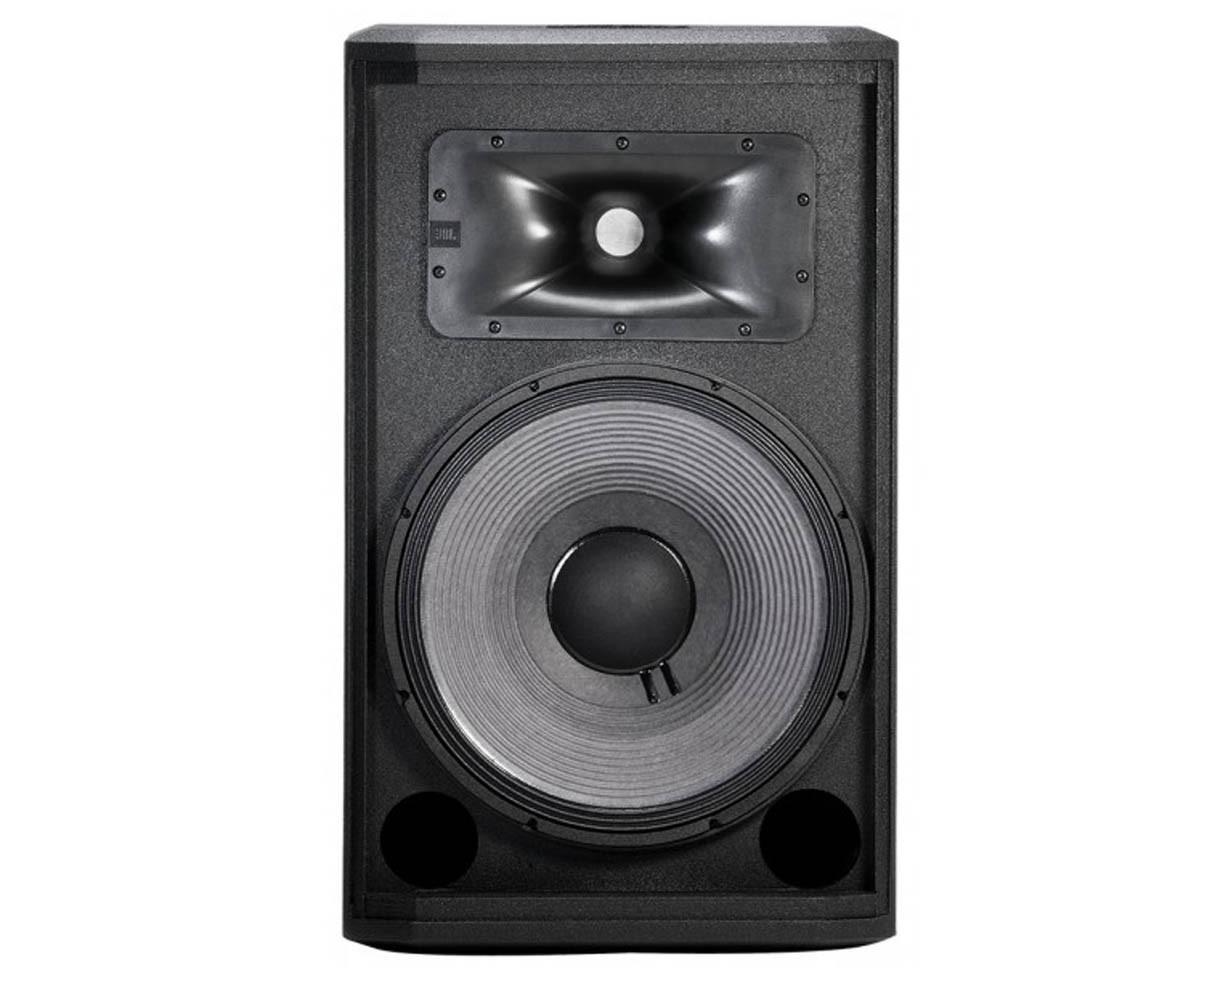 jbl monitor speakers. JBL PROFESSIONAL STX815M Thumbnail 2 Jbl Monitor Speakers